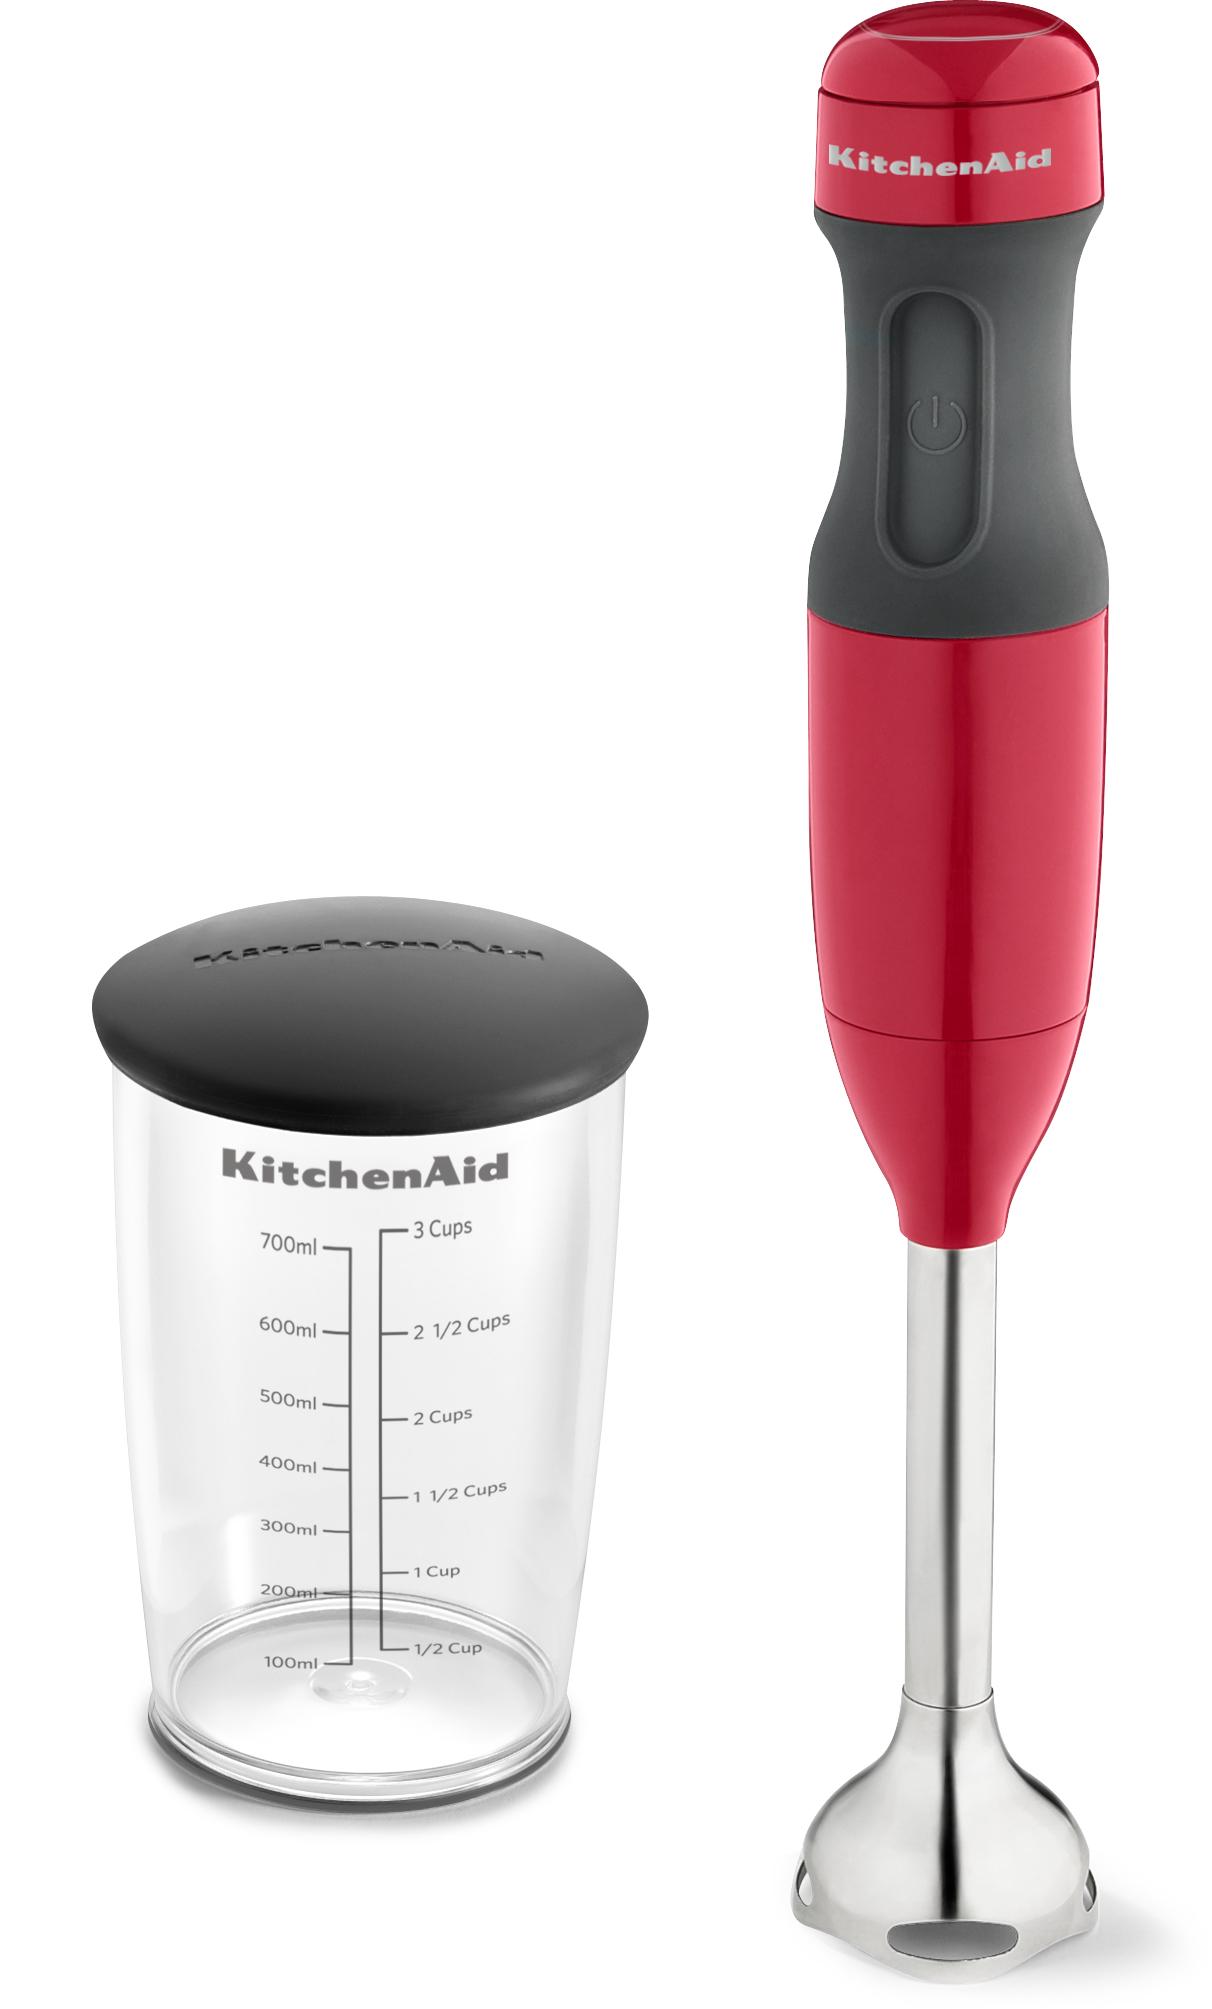 KitchenAid Empire Red 2-Speed Immersion Blender